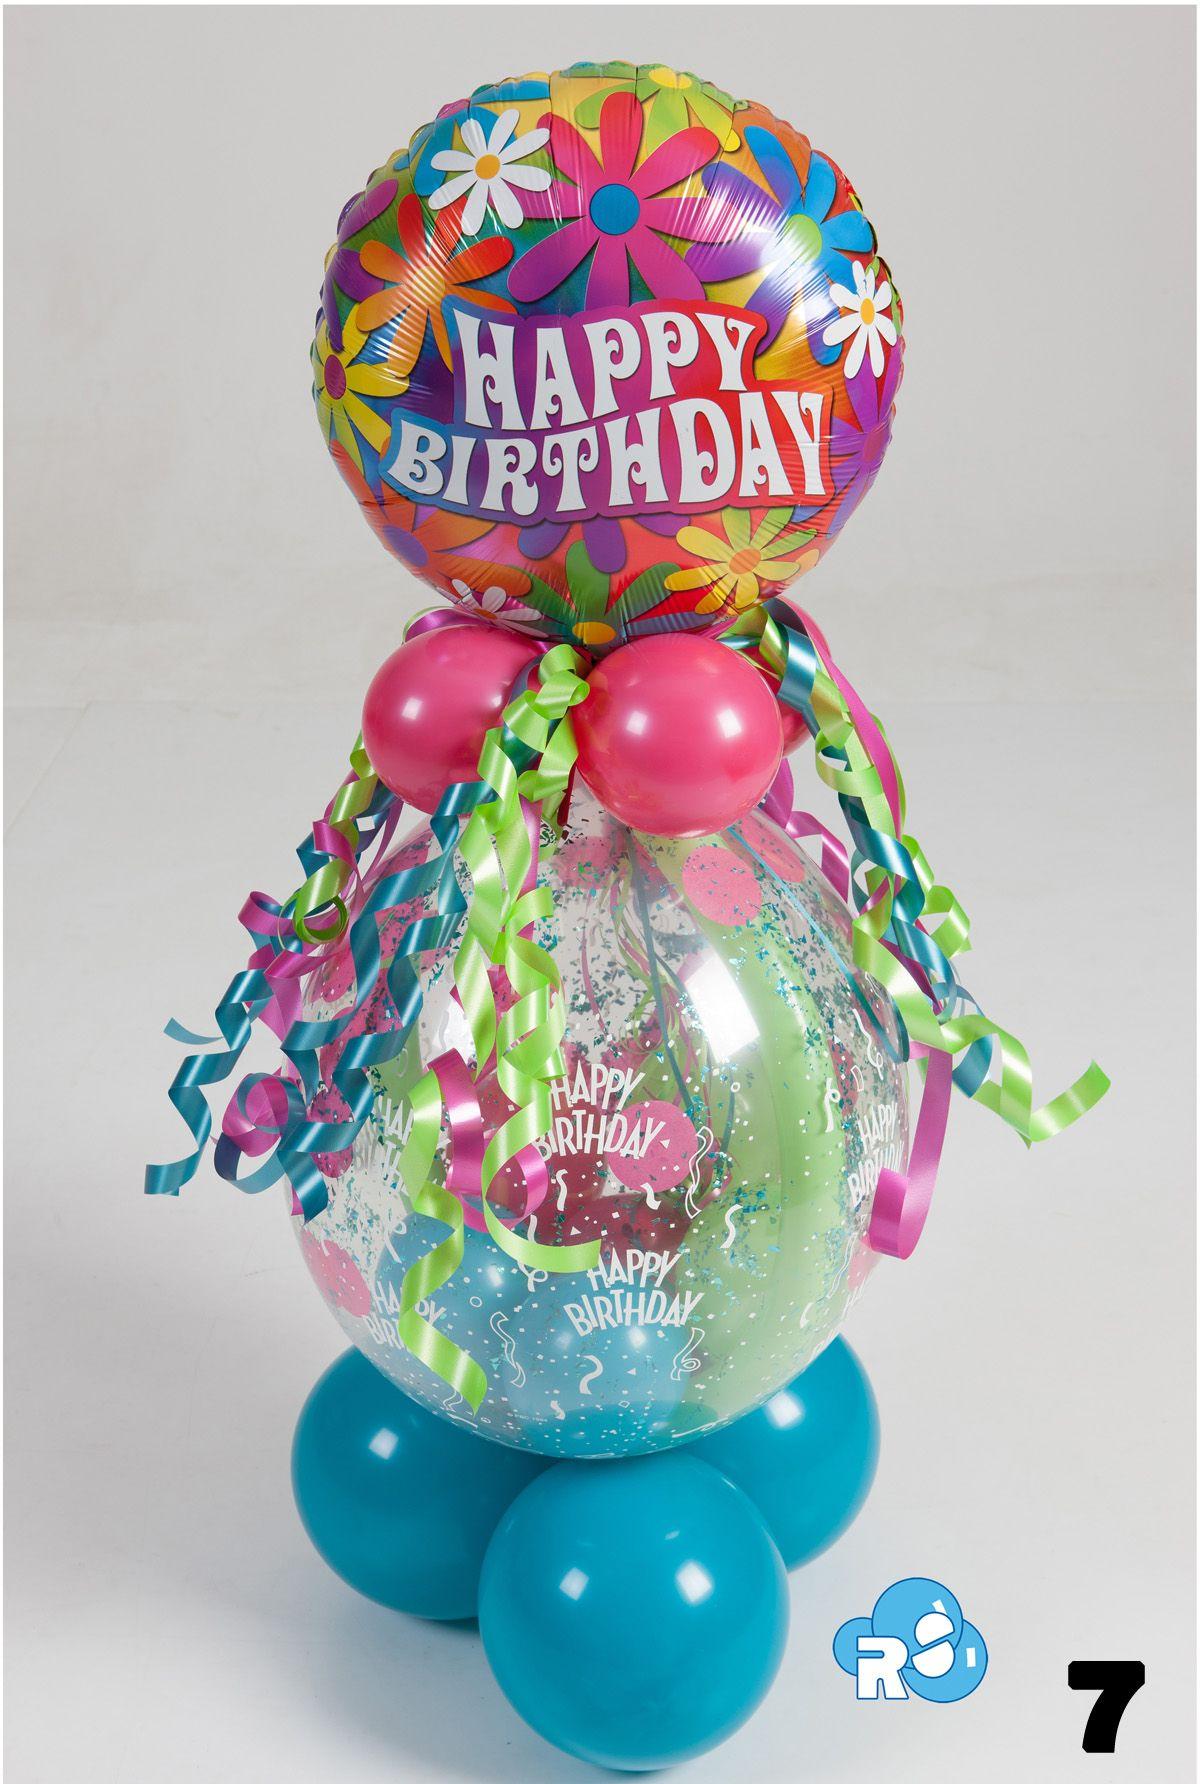 Pin By Melissa Faith On Stuffed Balloons In 2020 Birthday